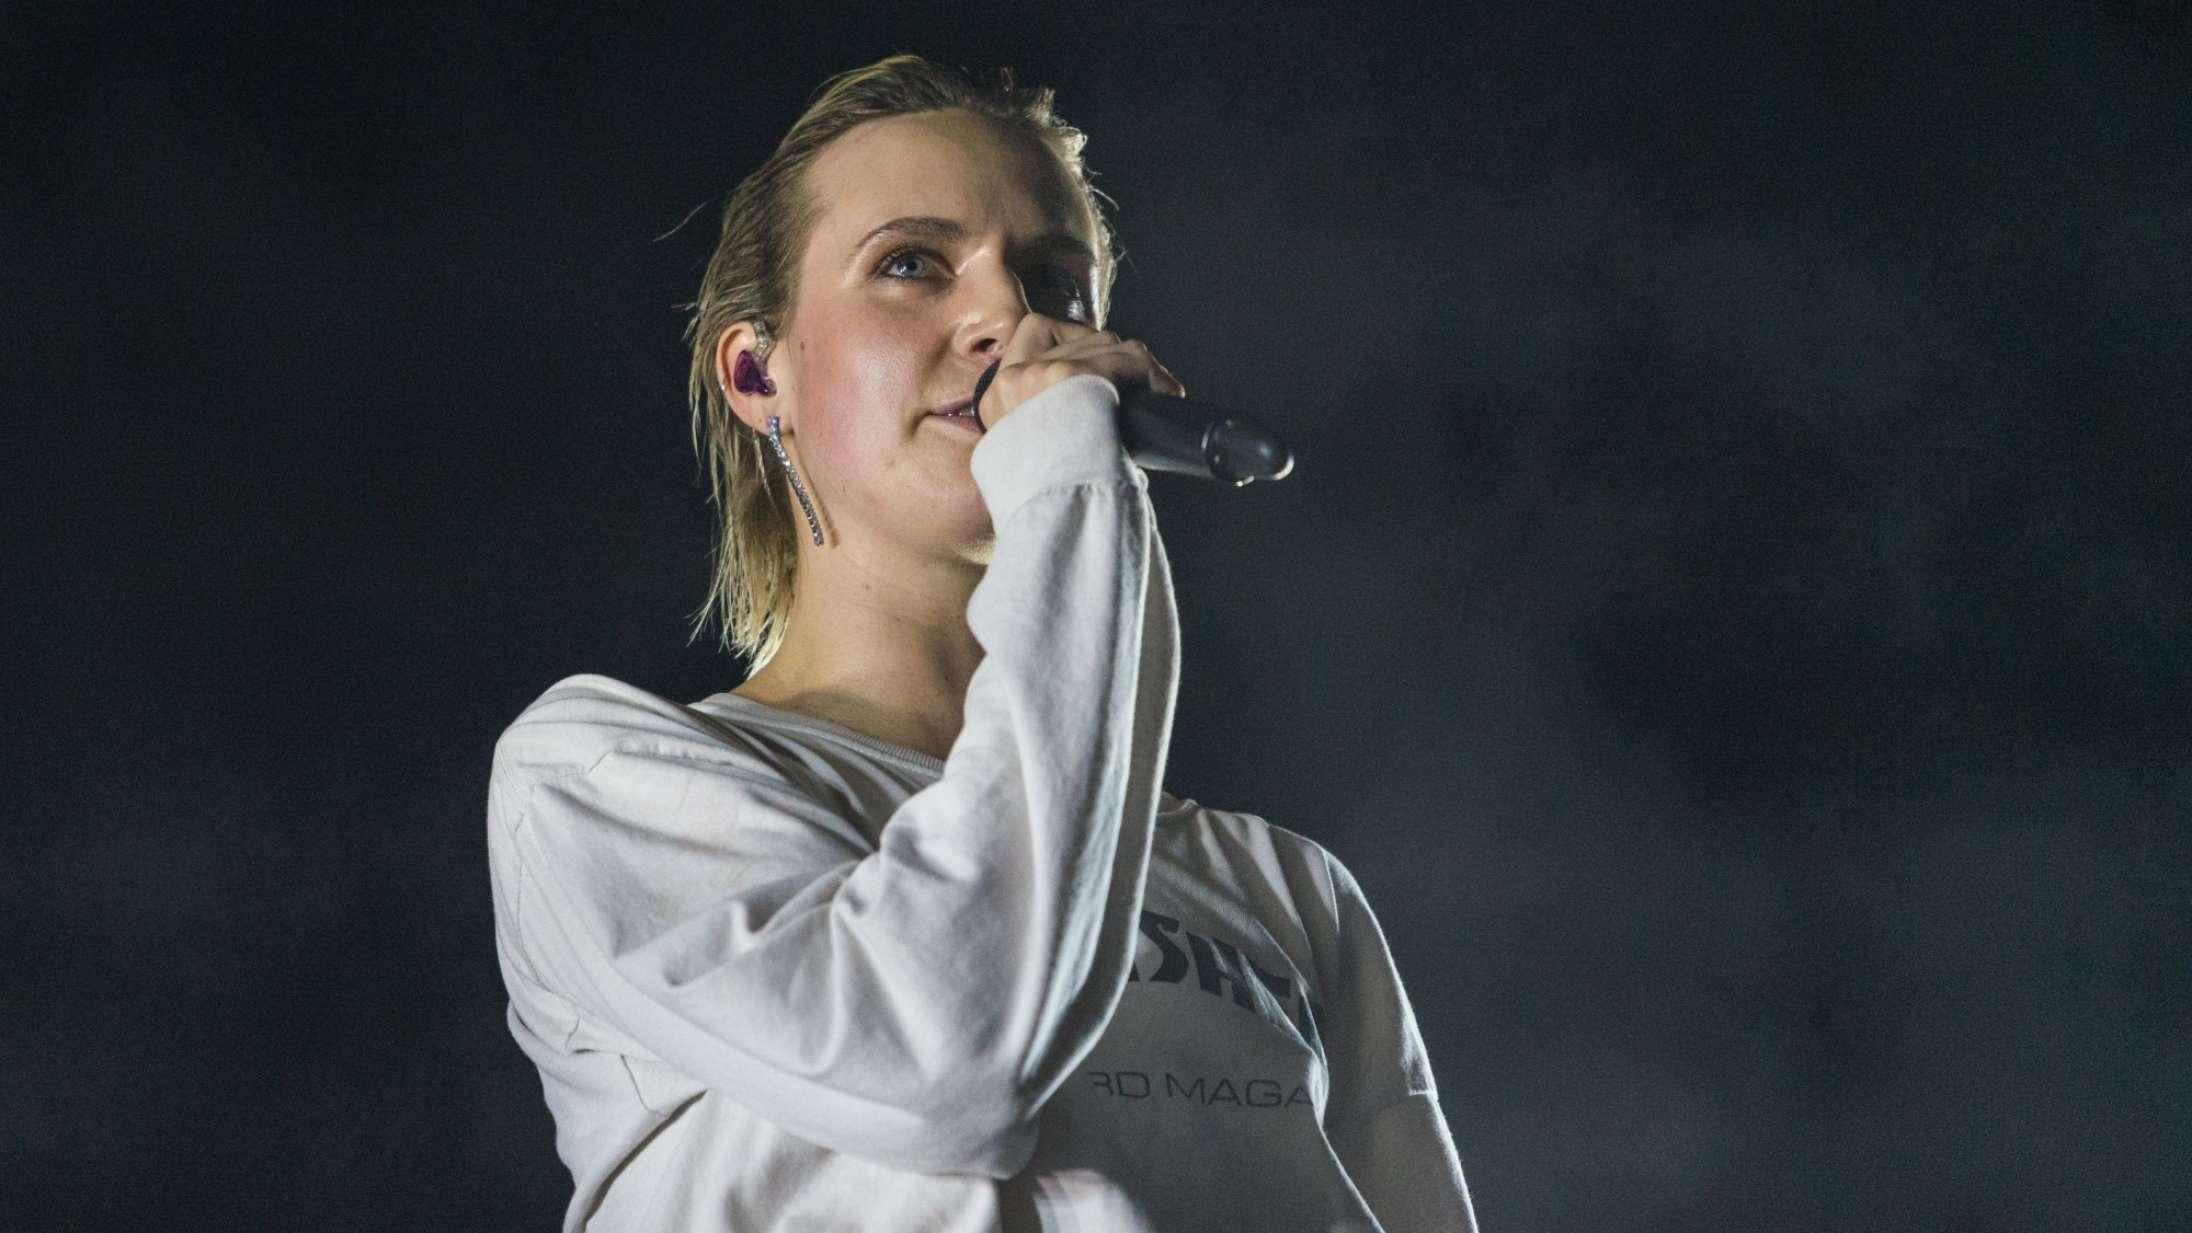 Mø gav koncert for første gang i et år som opvarmning for Goss – se videoerne